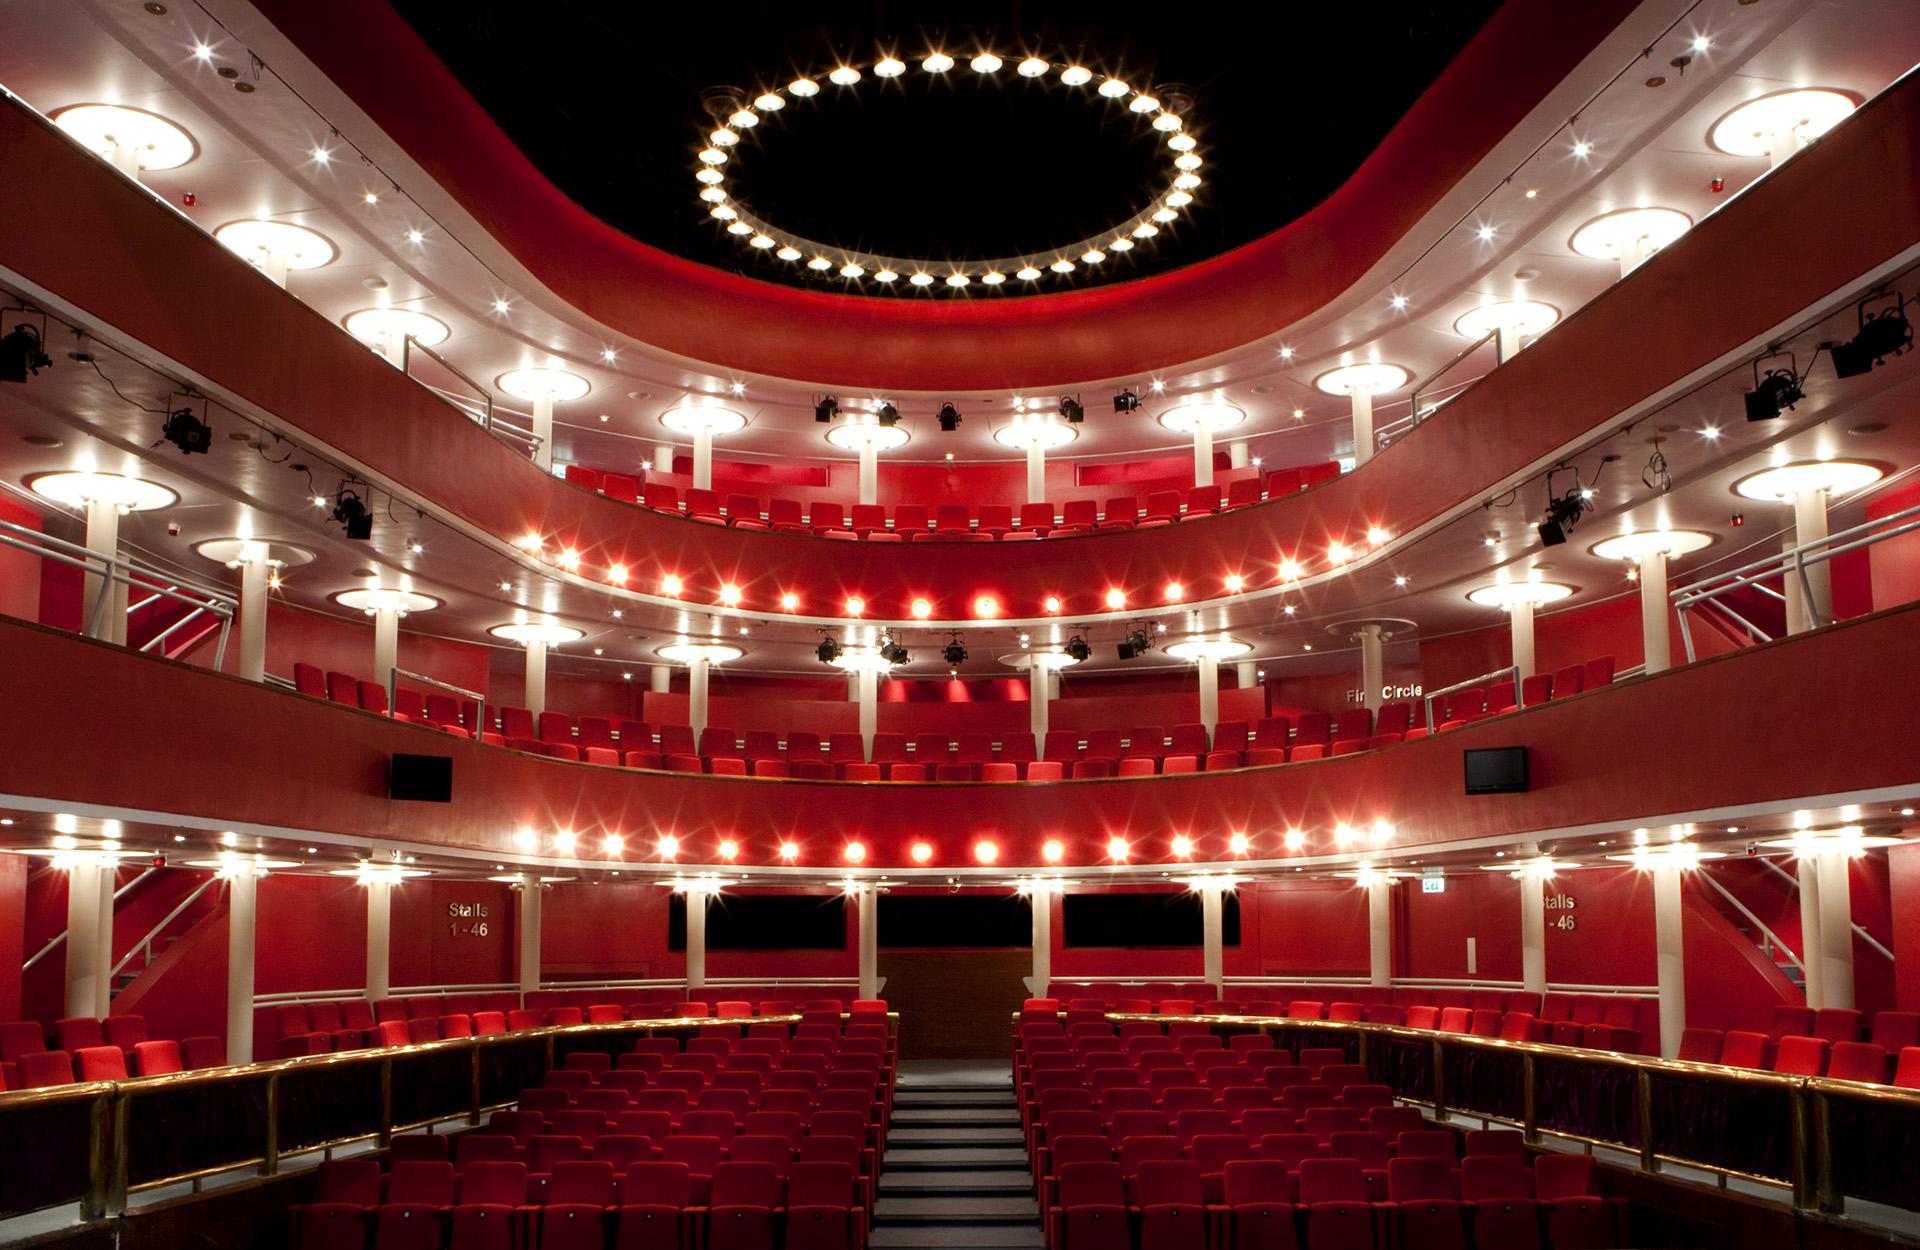 Interior of the New Athenaeum Theatre